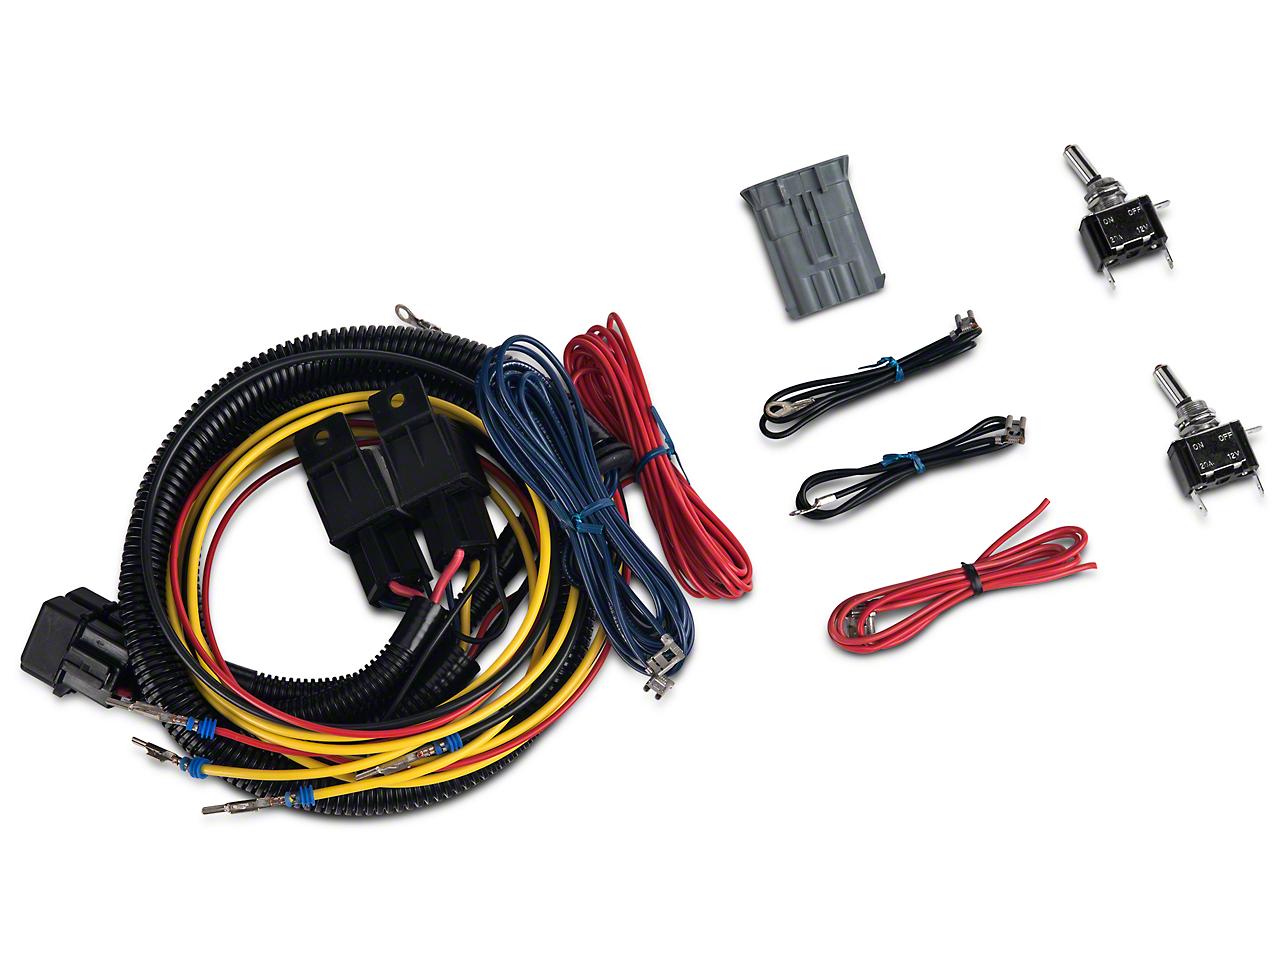 Delta SkyBar 6 Light Wiring Harness (97-18 Wrangler TJ, JK & JL)